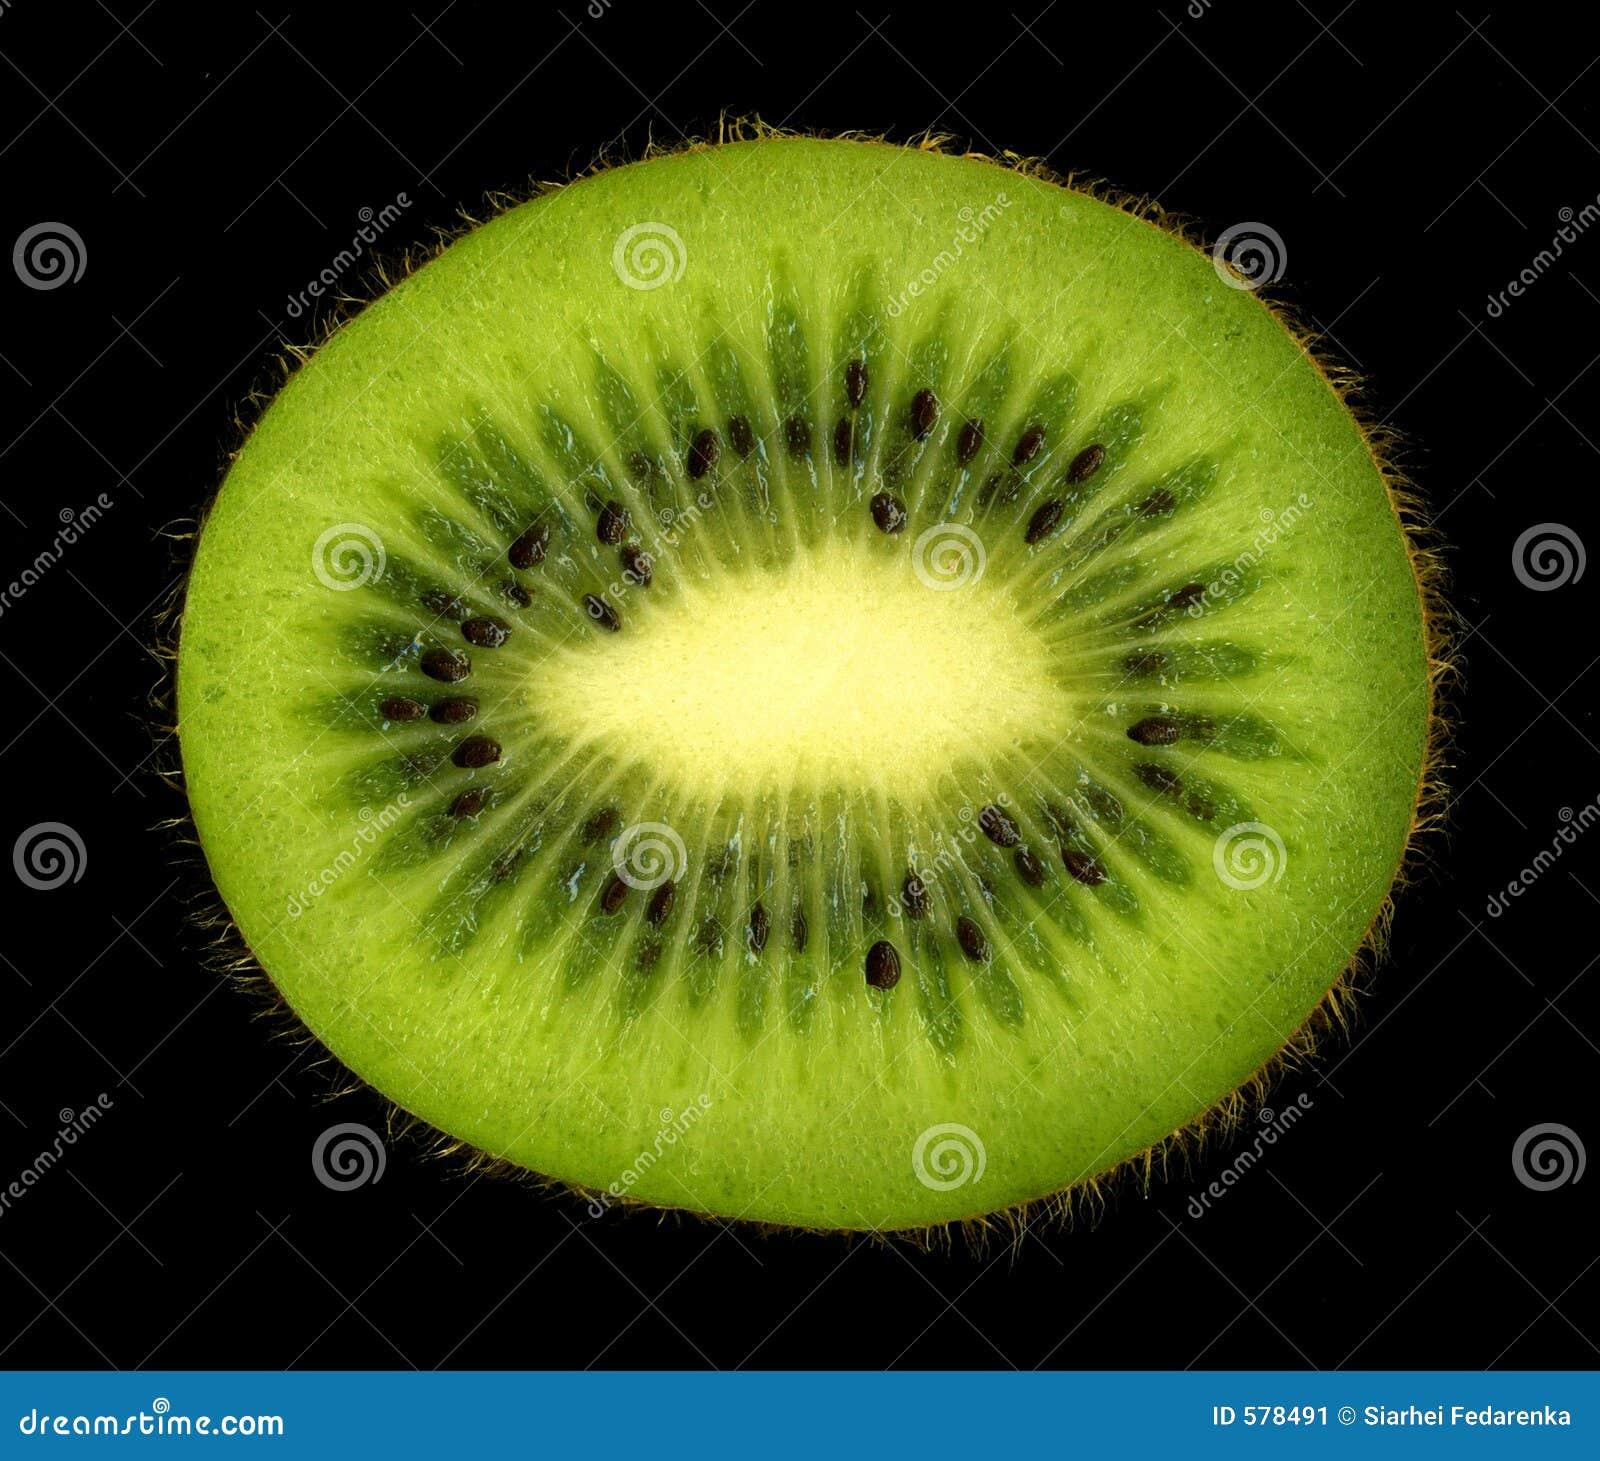 Kiwi fruit cut in half close up - Kiwi On Black Background Stock Image Image 578491